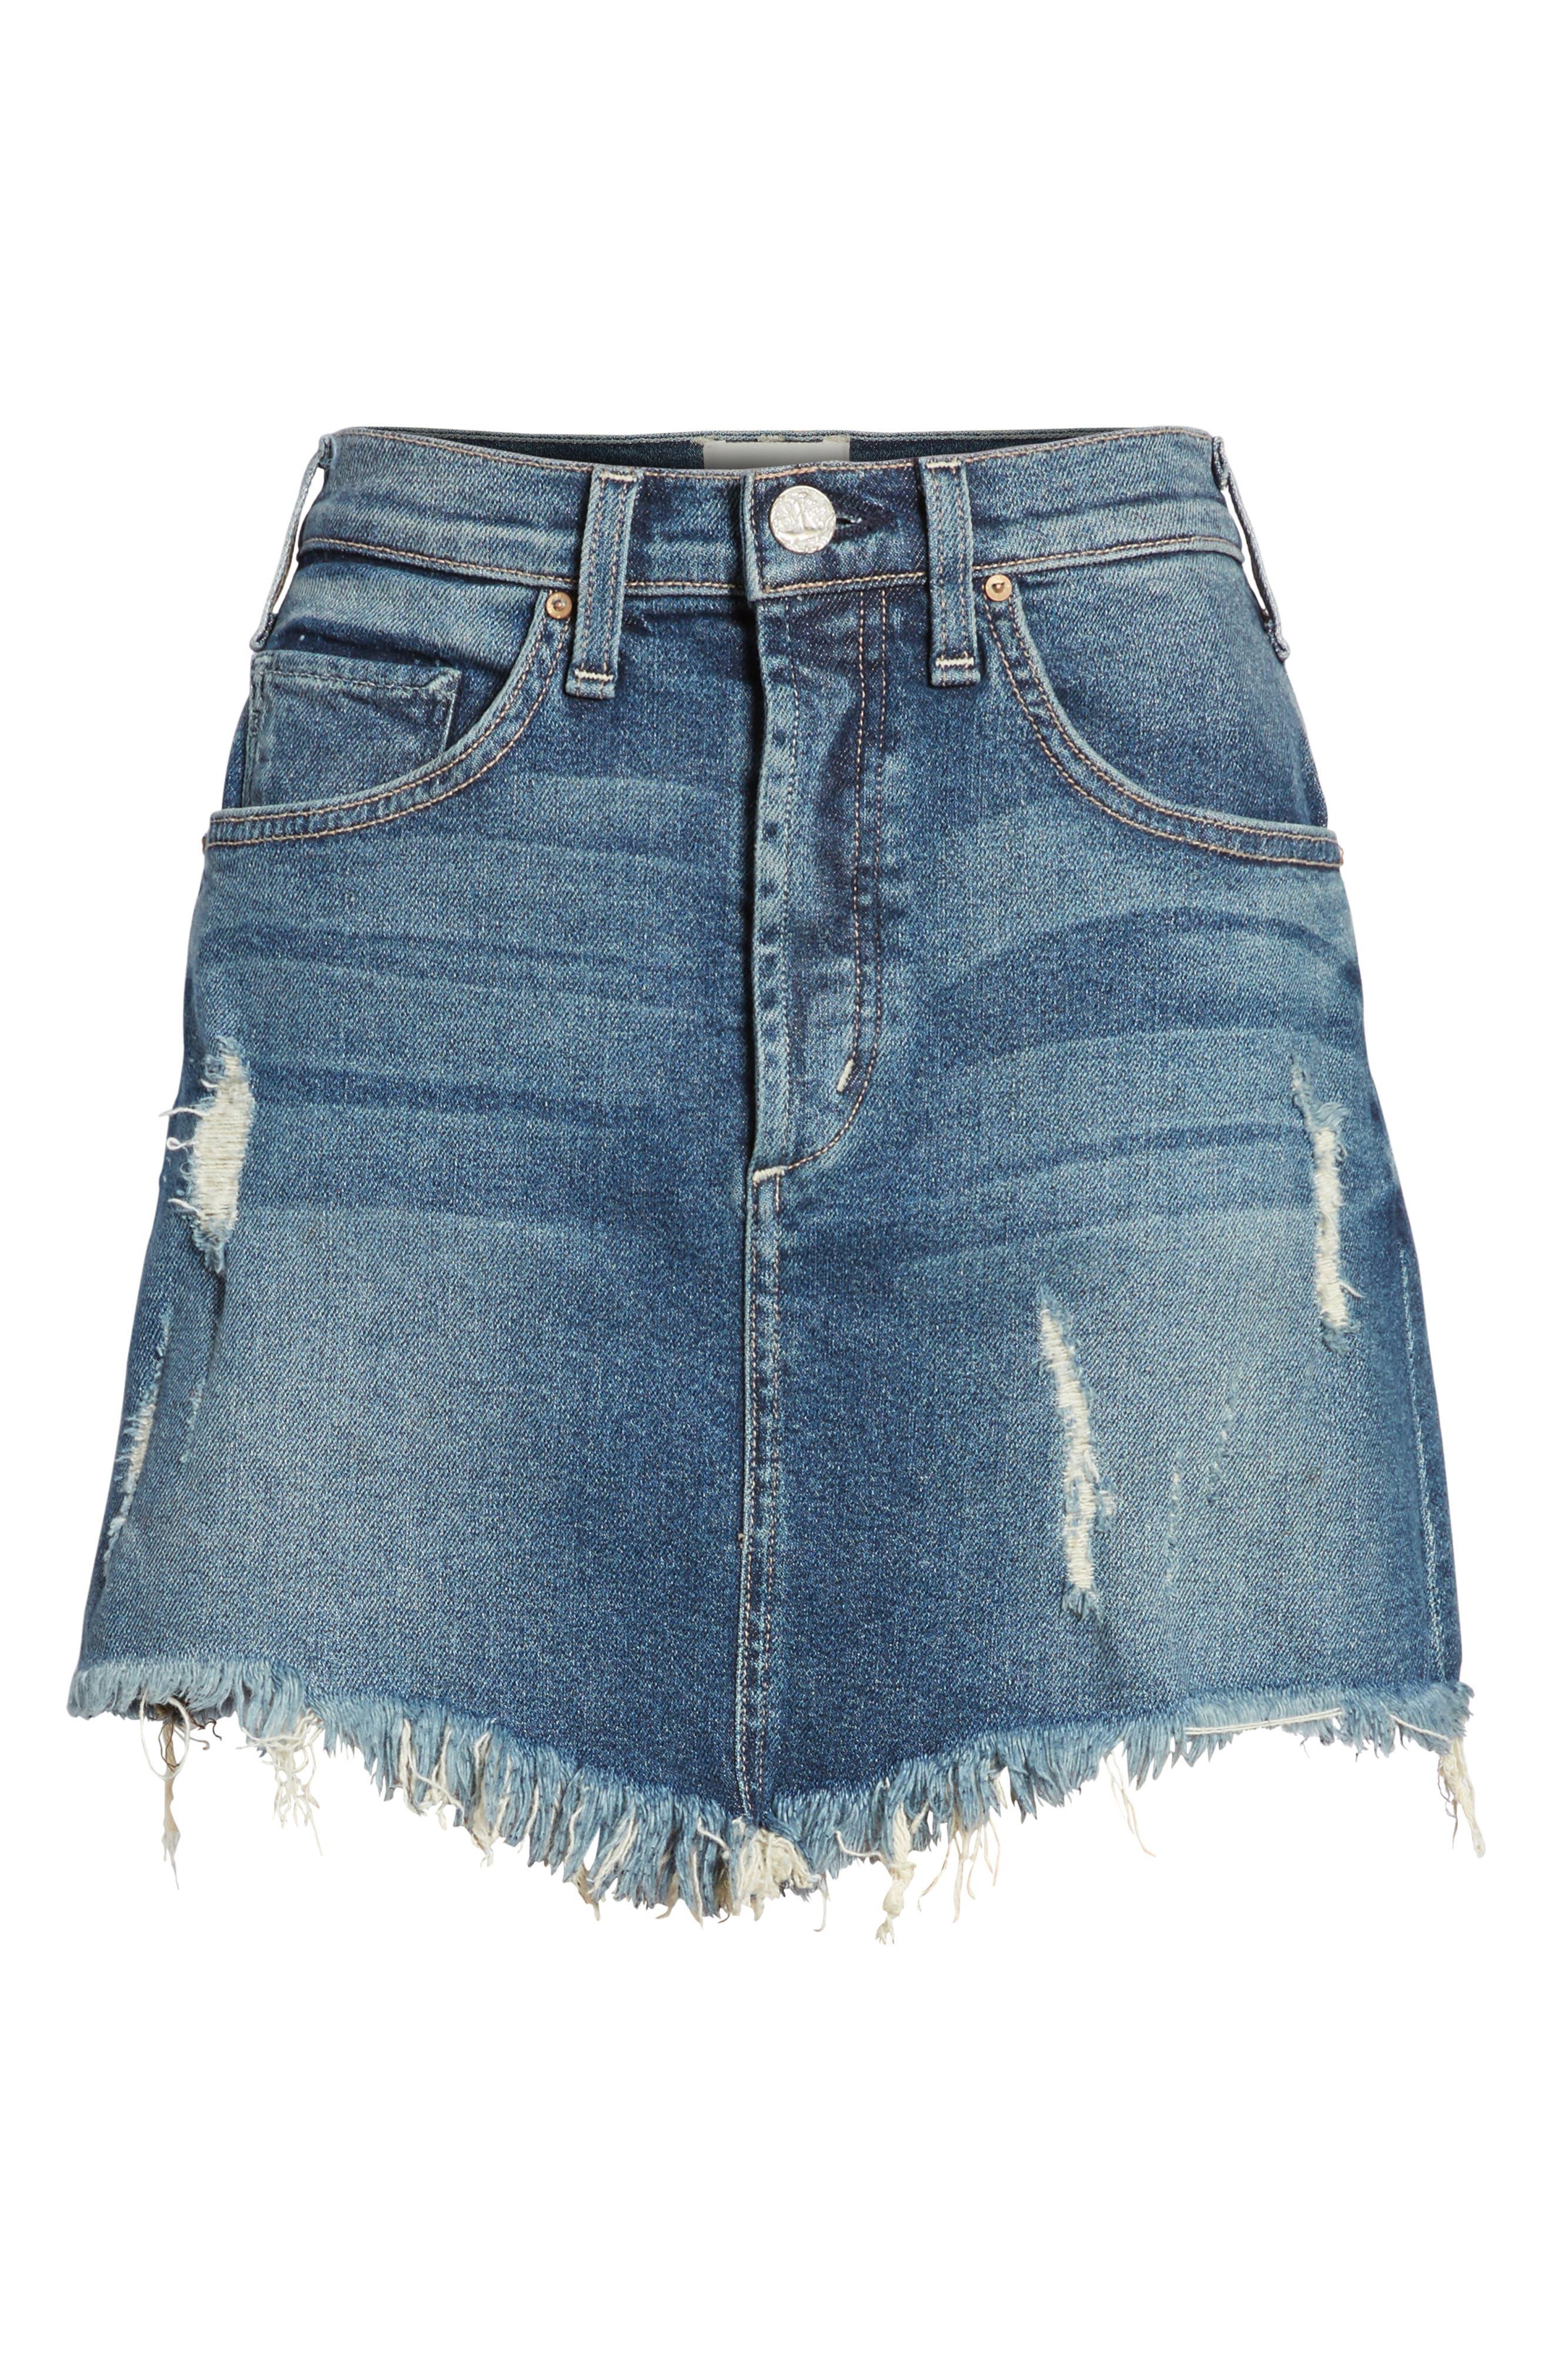 Izabel Angled Hem Denim Skirt,                             Alternate thumbnail 7, color,                             Minionette